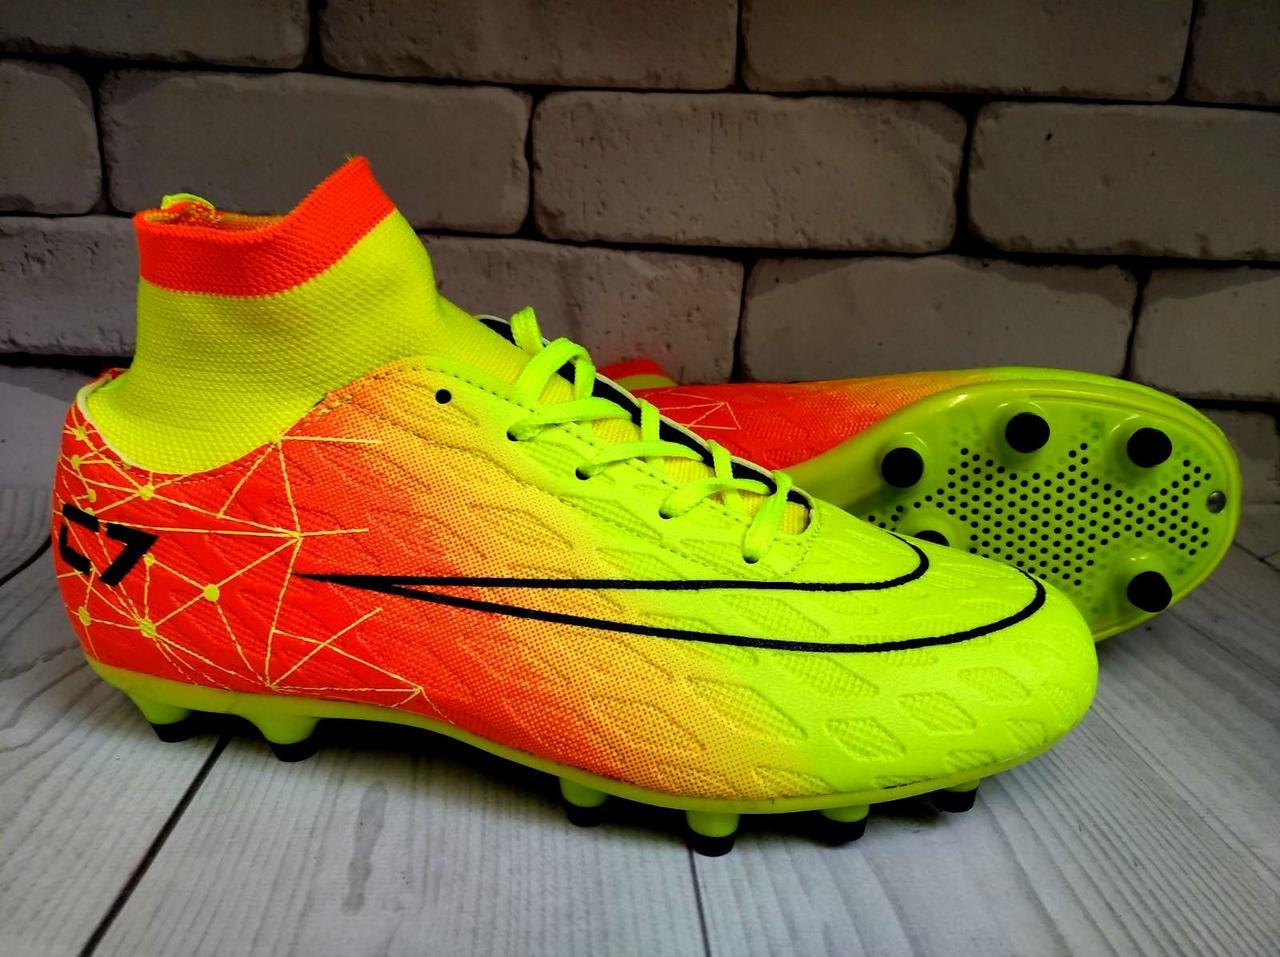 Футбольные бутсы с носком желто оранжевые Caroc 32-35 р